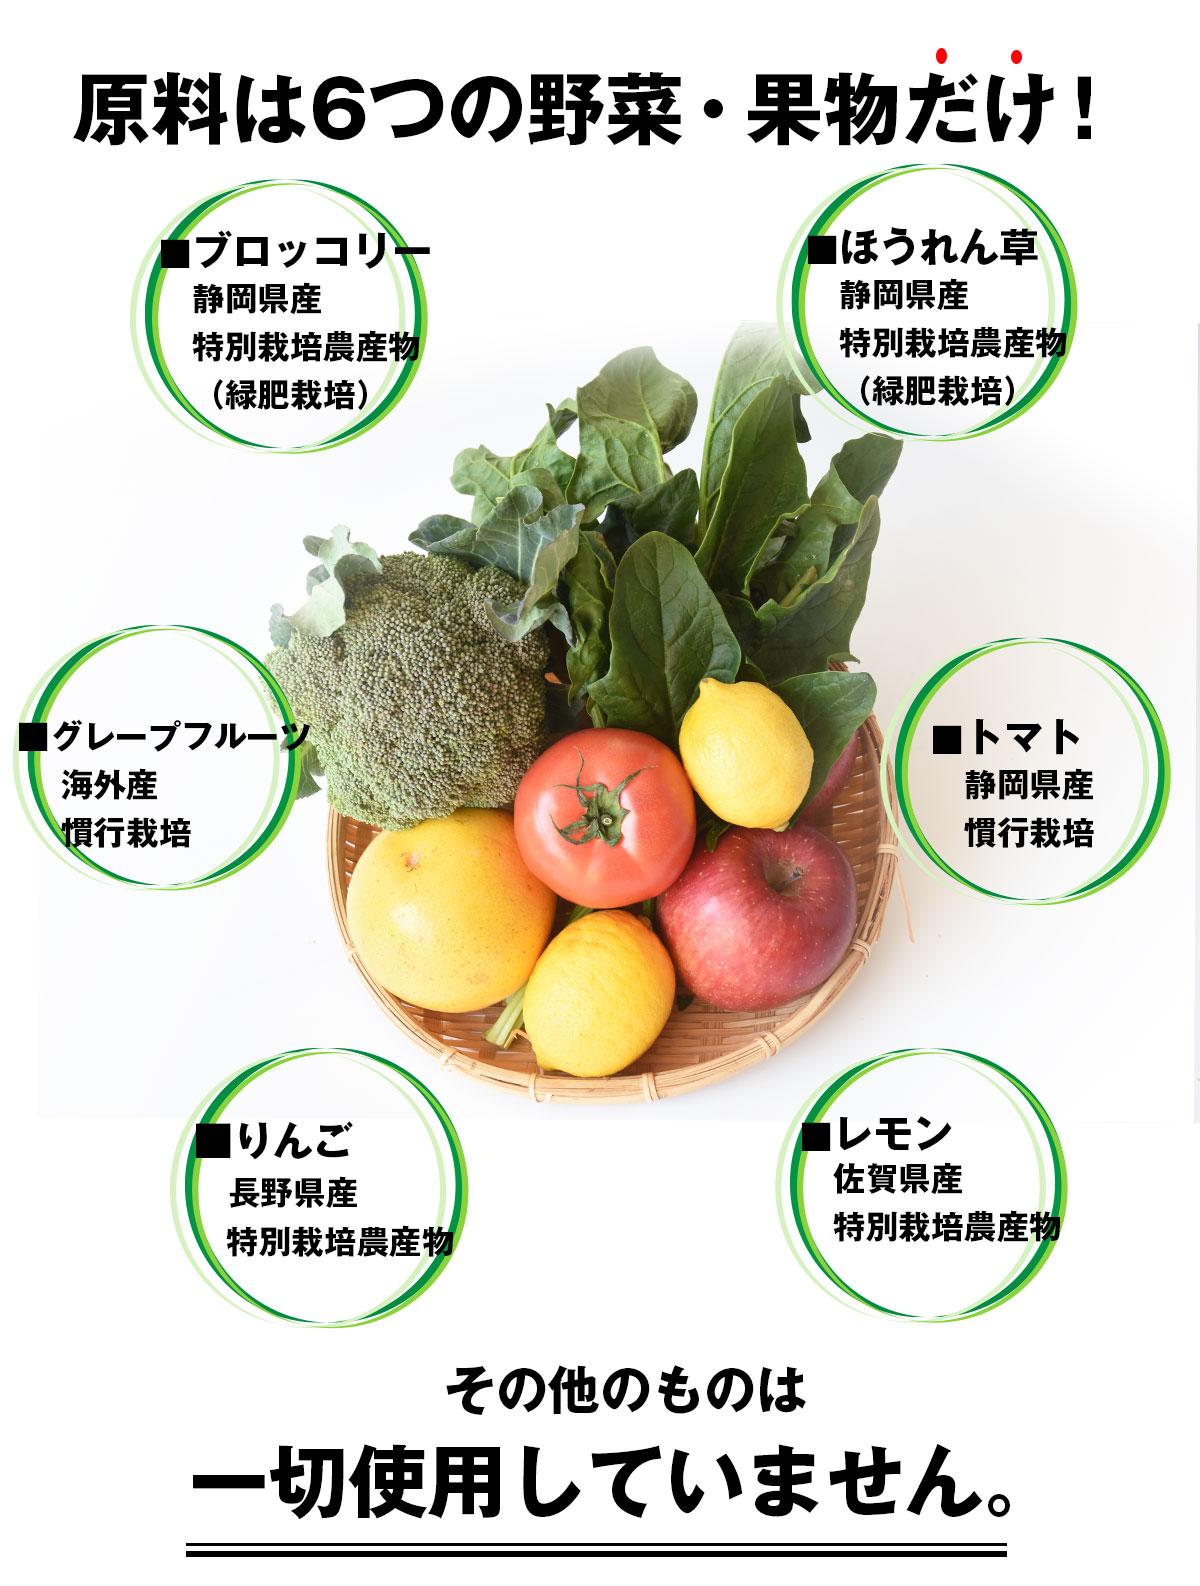 原料は6つの野菜・果物だけ